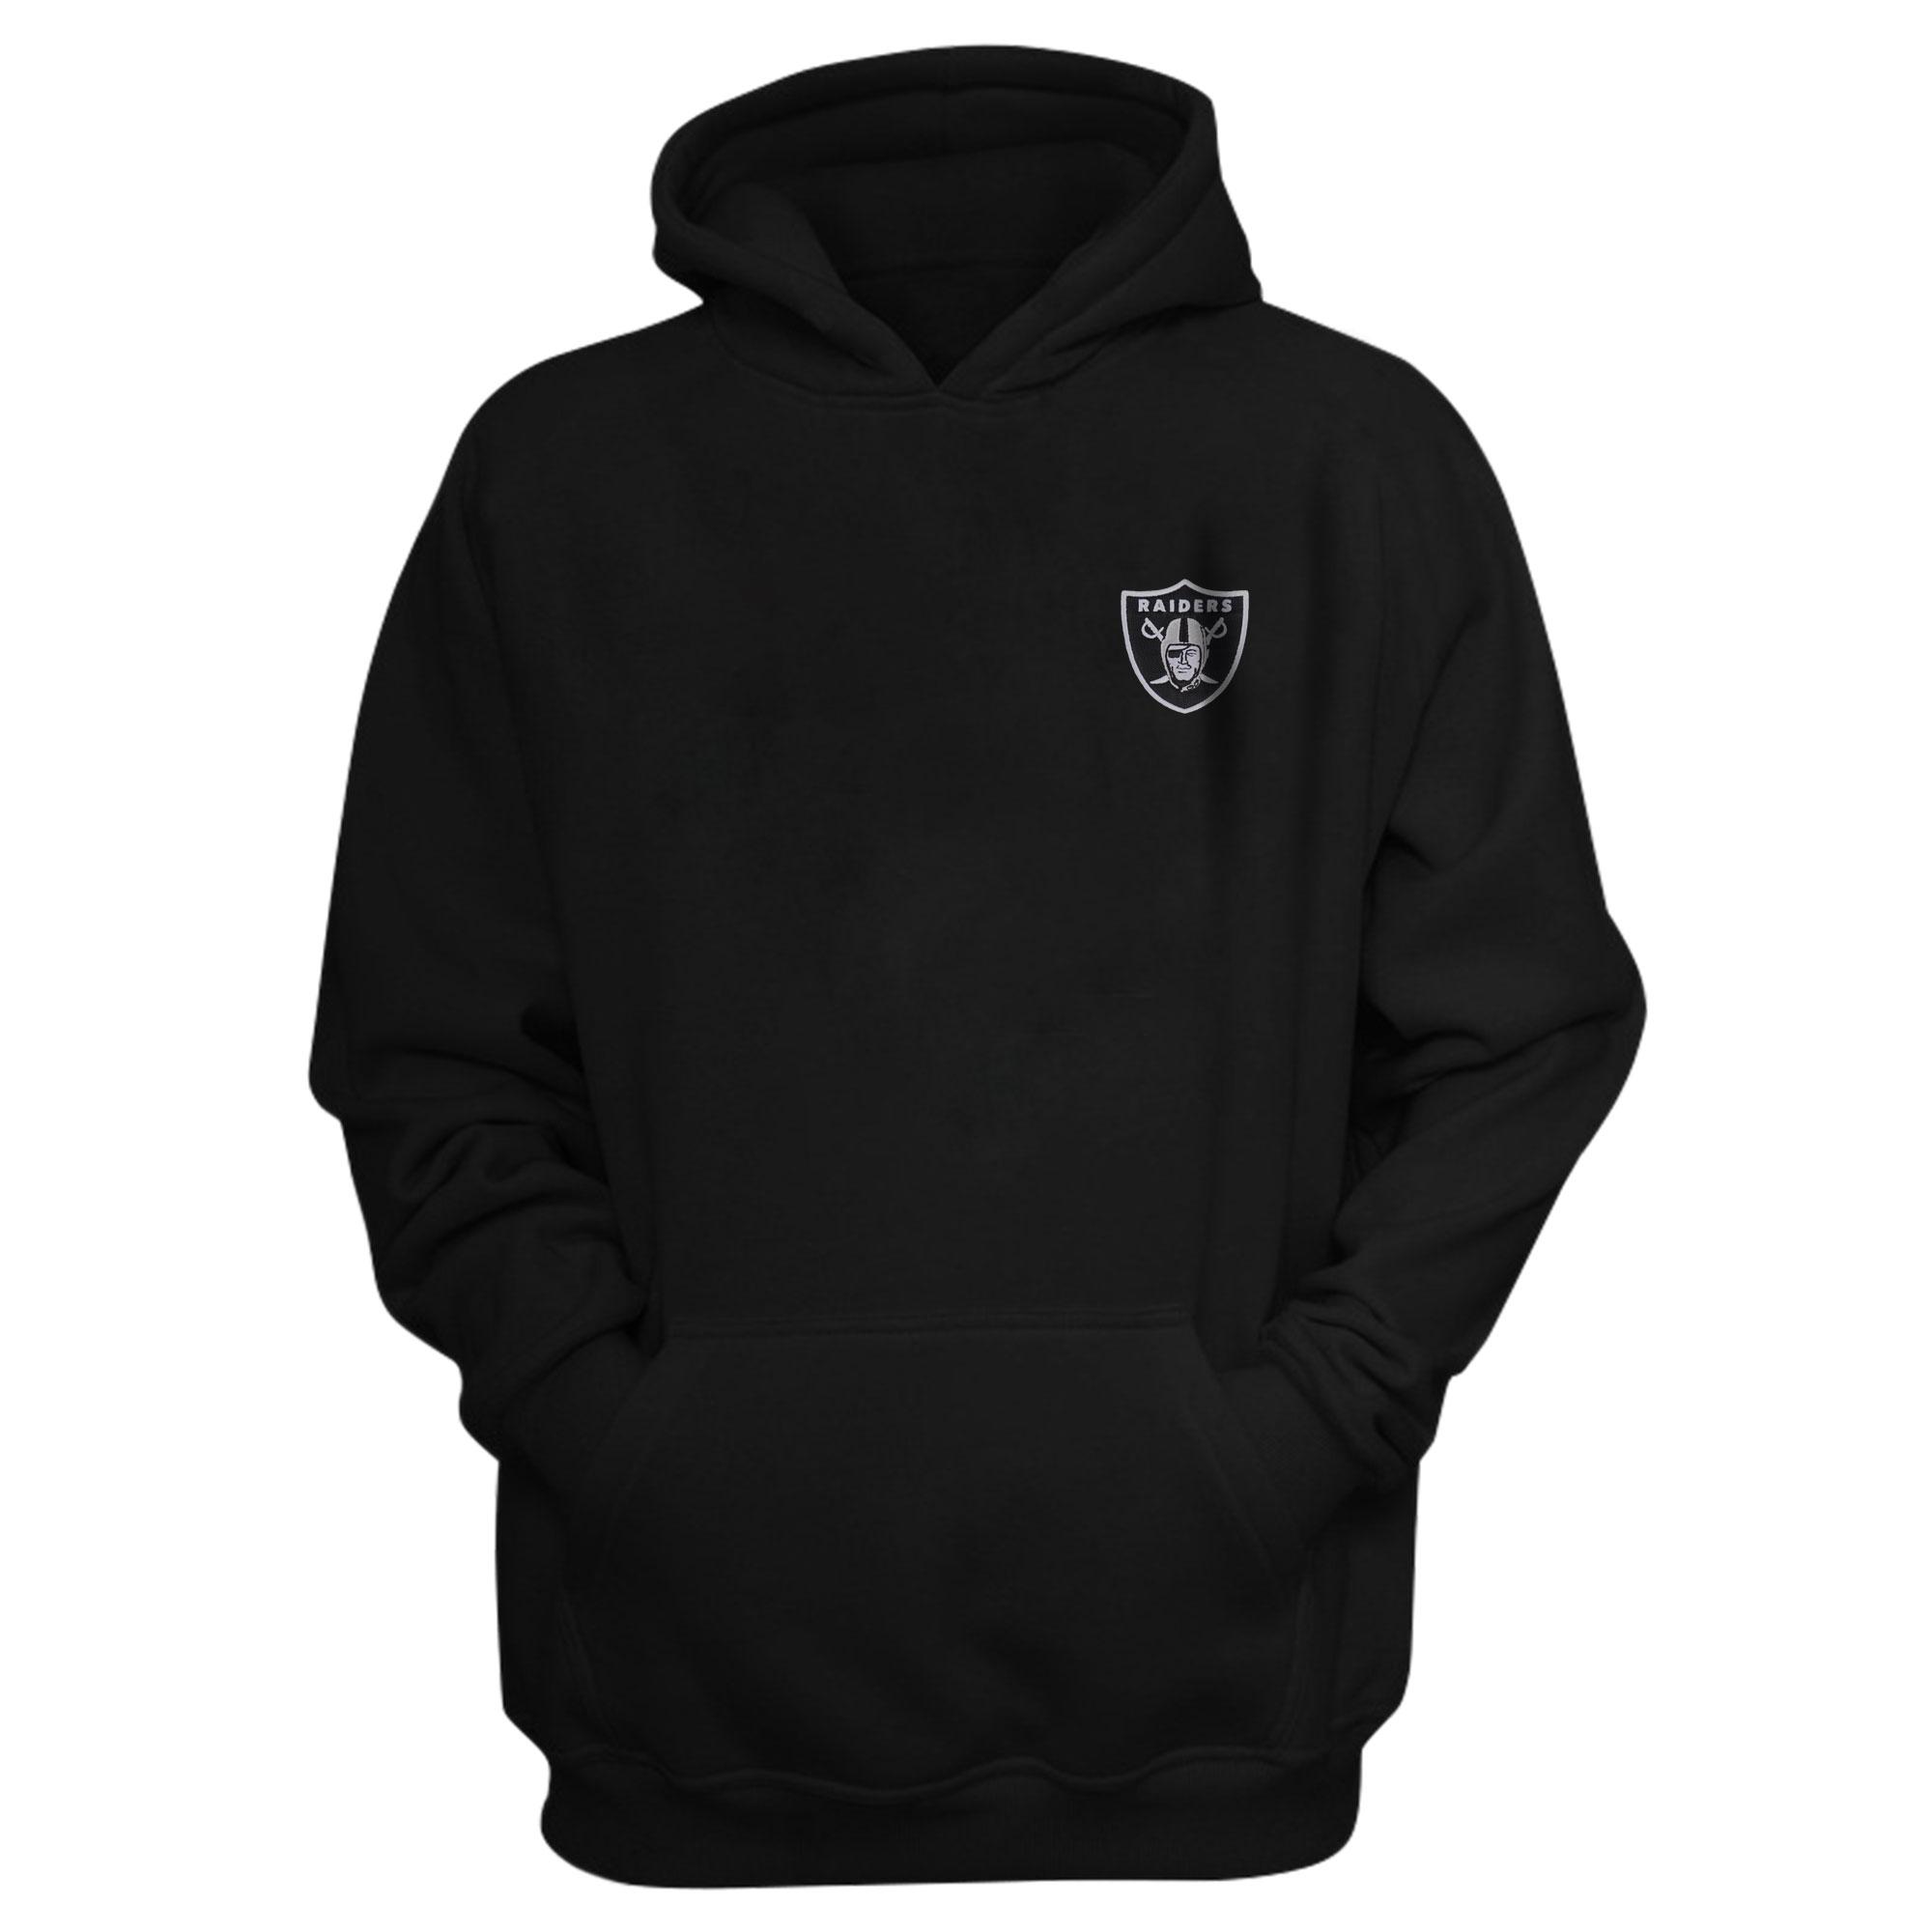 Oakland Raiders Hoodie (Örme)  (HD-BLC-EMBR-RAIDERS)